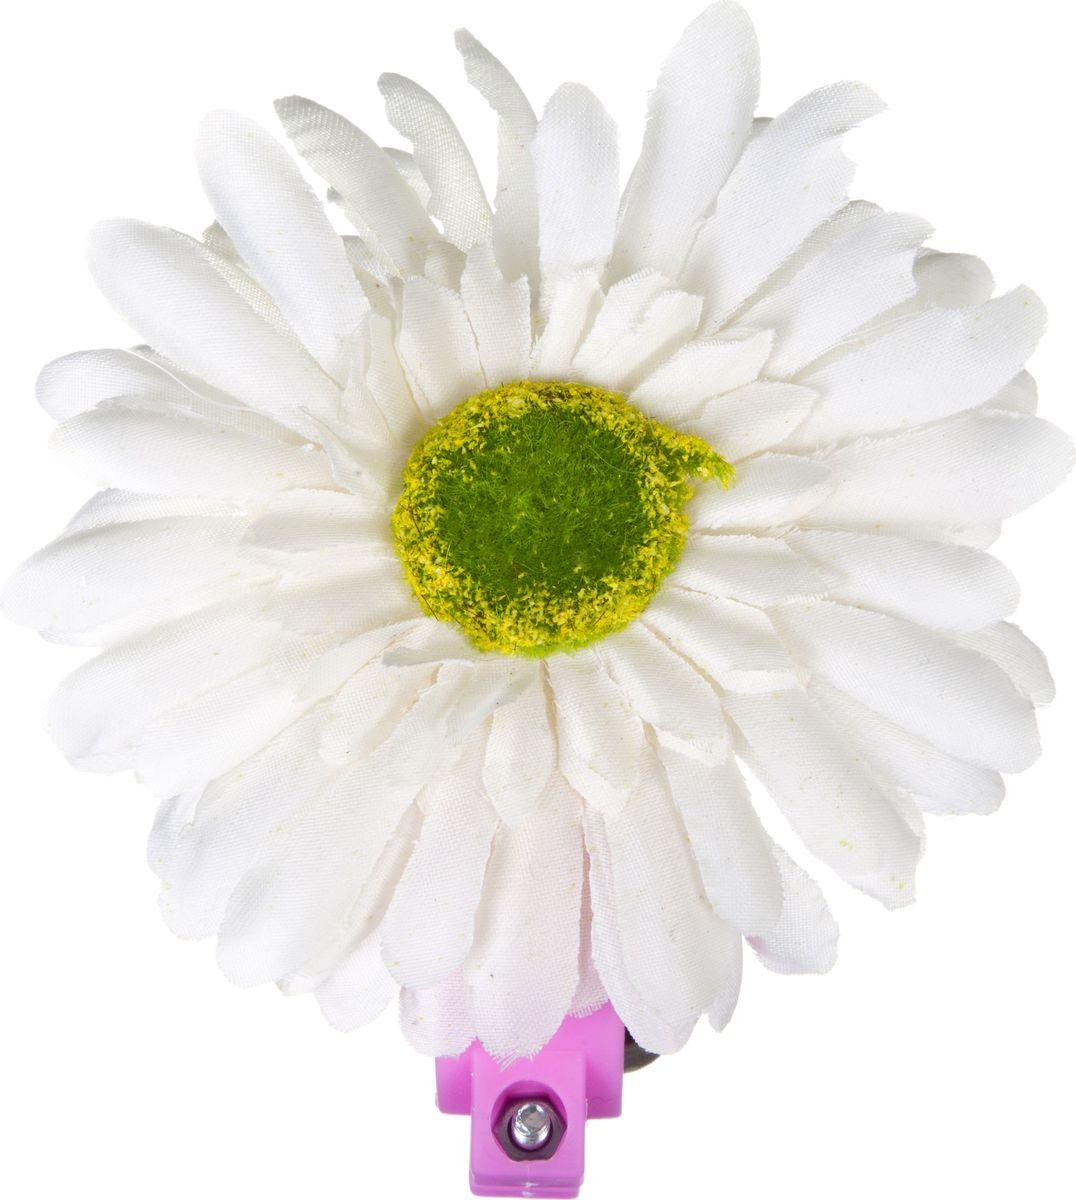 Звонок велосипедный STG Цветок 24AH, цвет: розовыйГризлиЗвонок для детского велосипеда в виде цветка предупредит пешеходов и других велосипедистов о приближении ребенка, тем самым обеспечит безопасность.